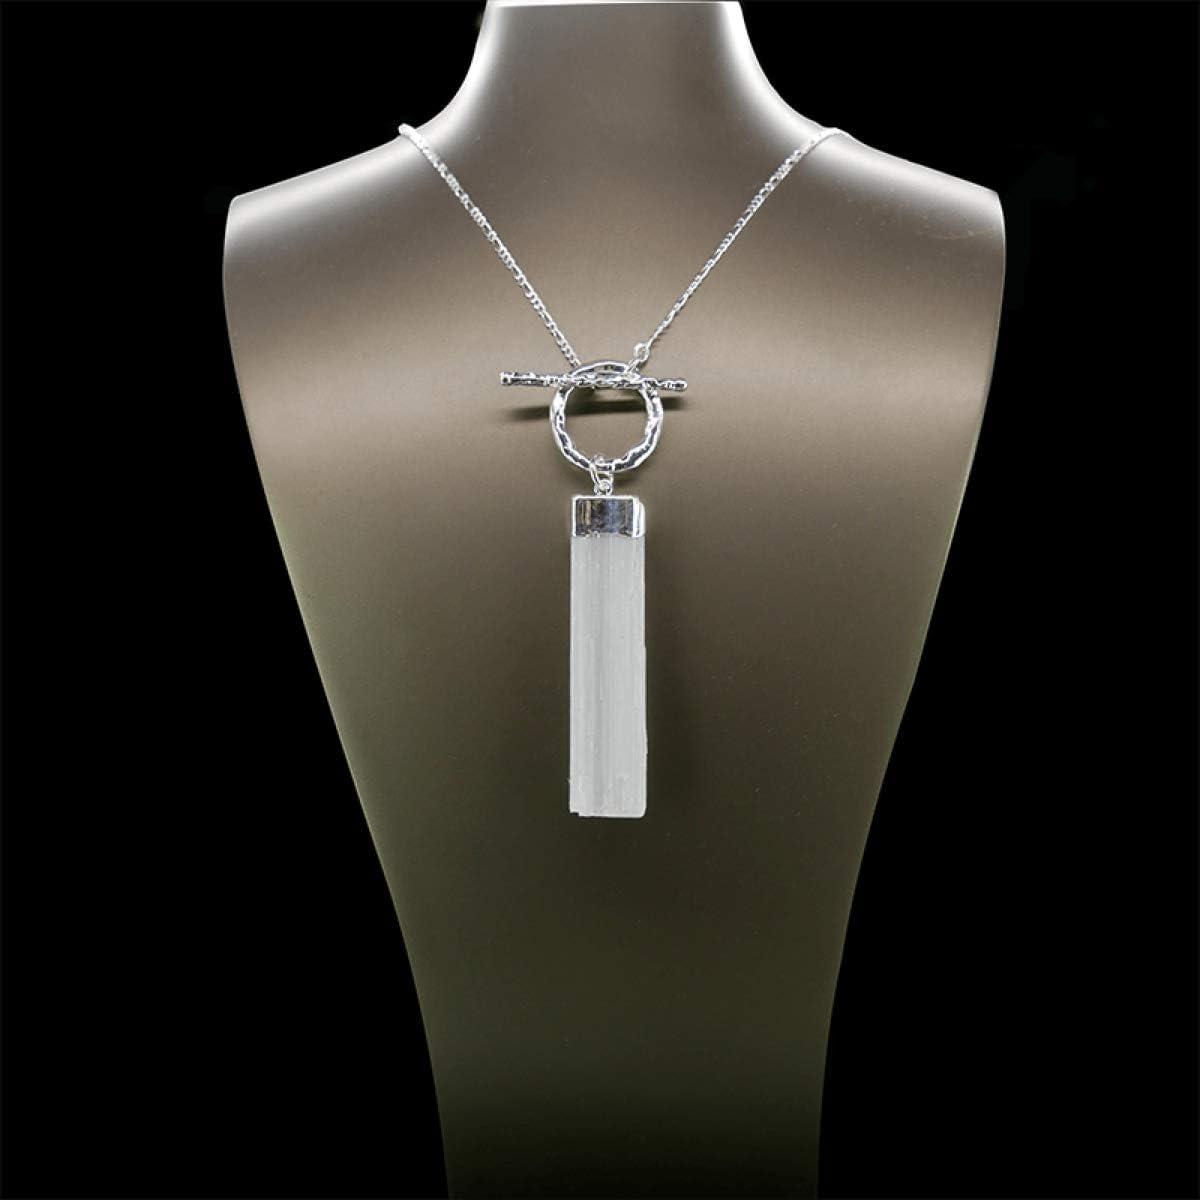 Colgante de Selenita en Bruto Desmontable baño de Plata Minerales y Cristales, Belleza Energética, Meditacion, Amuletos Espirituales